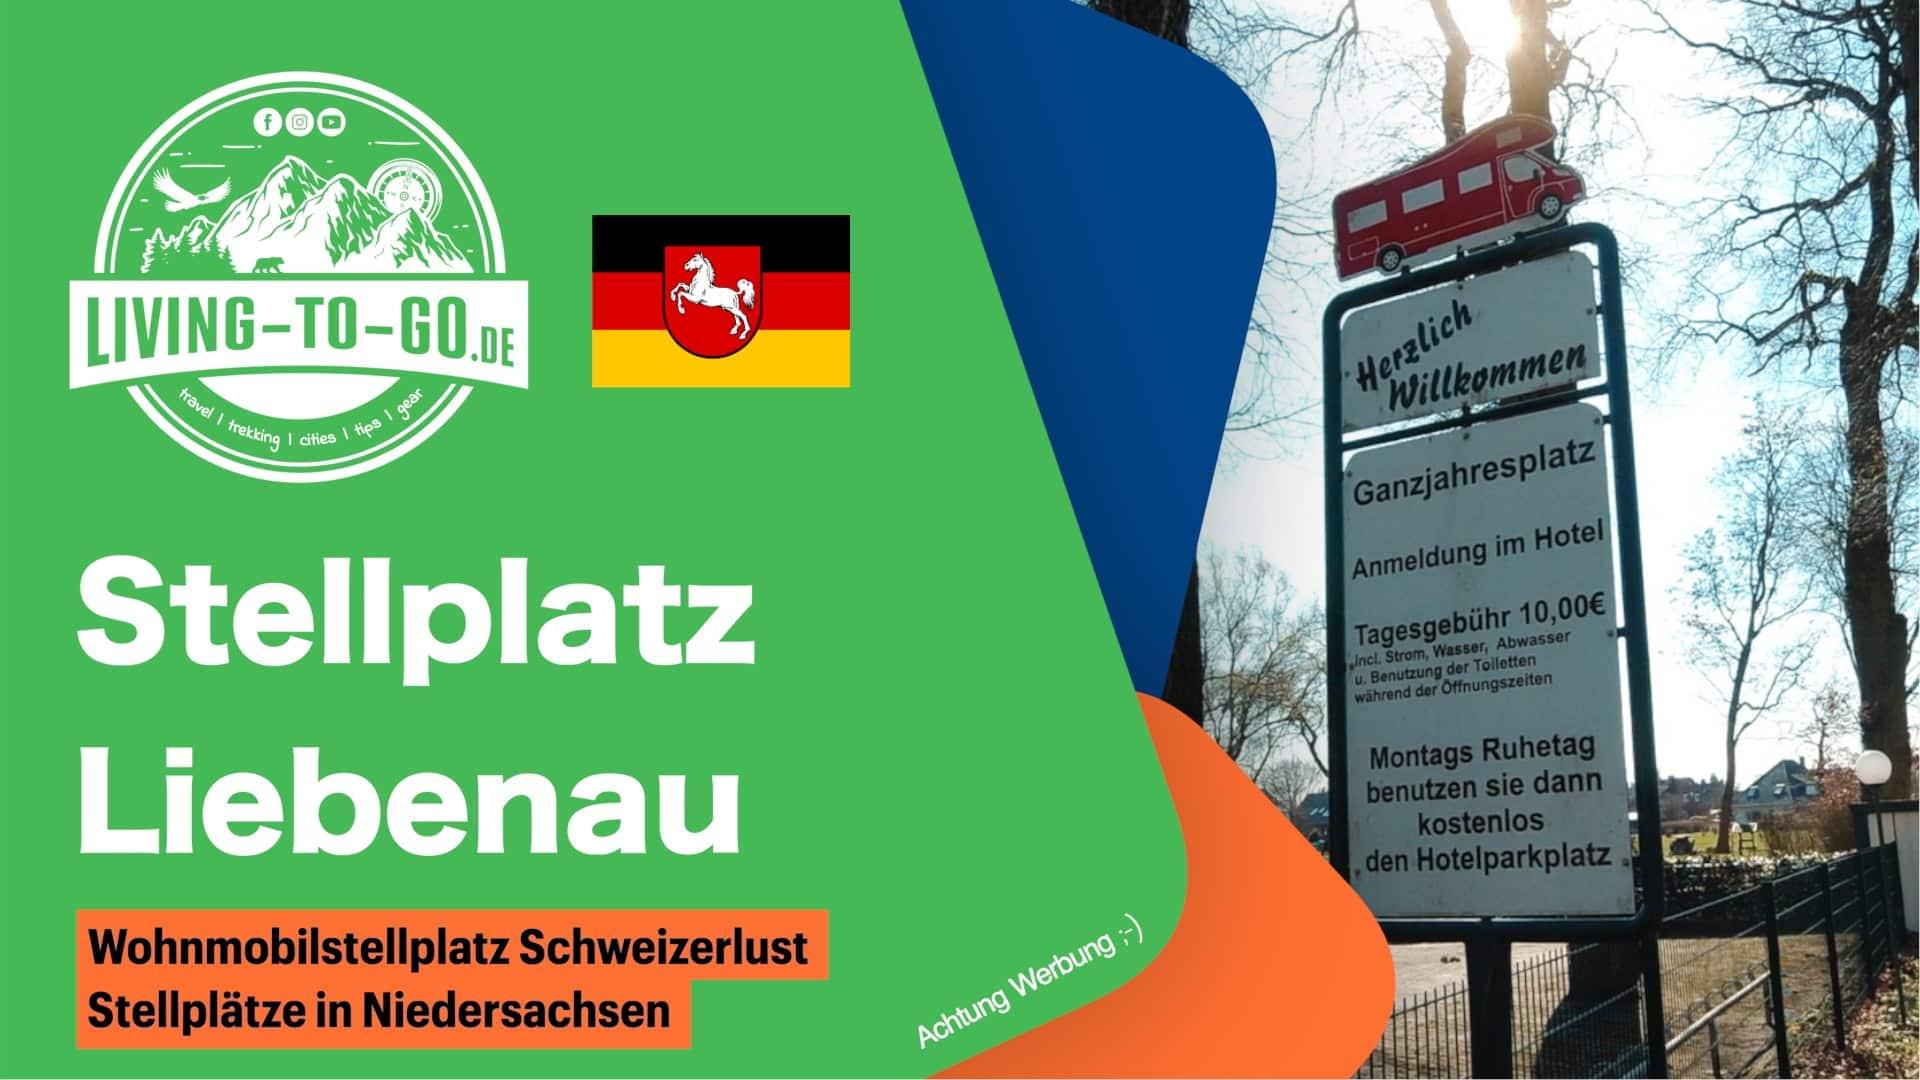 Stellplatz Liebenau